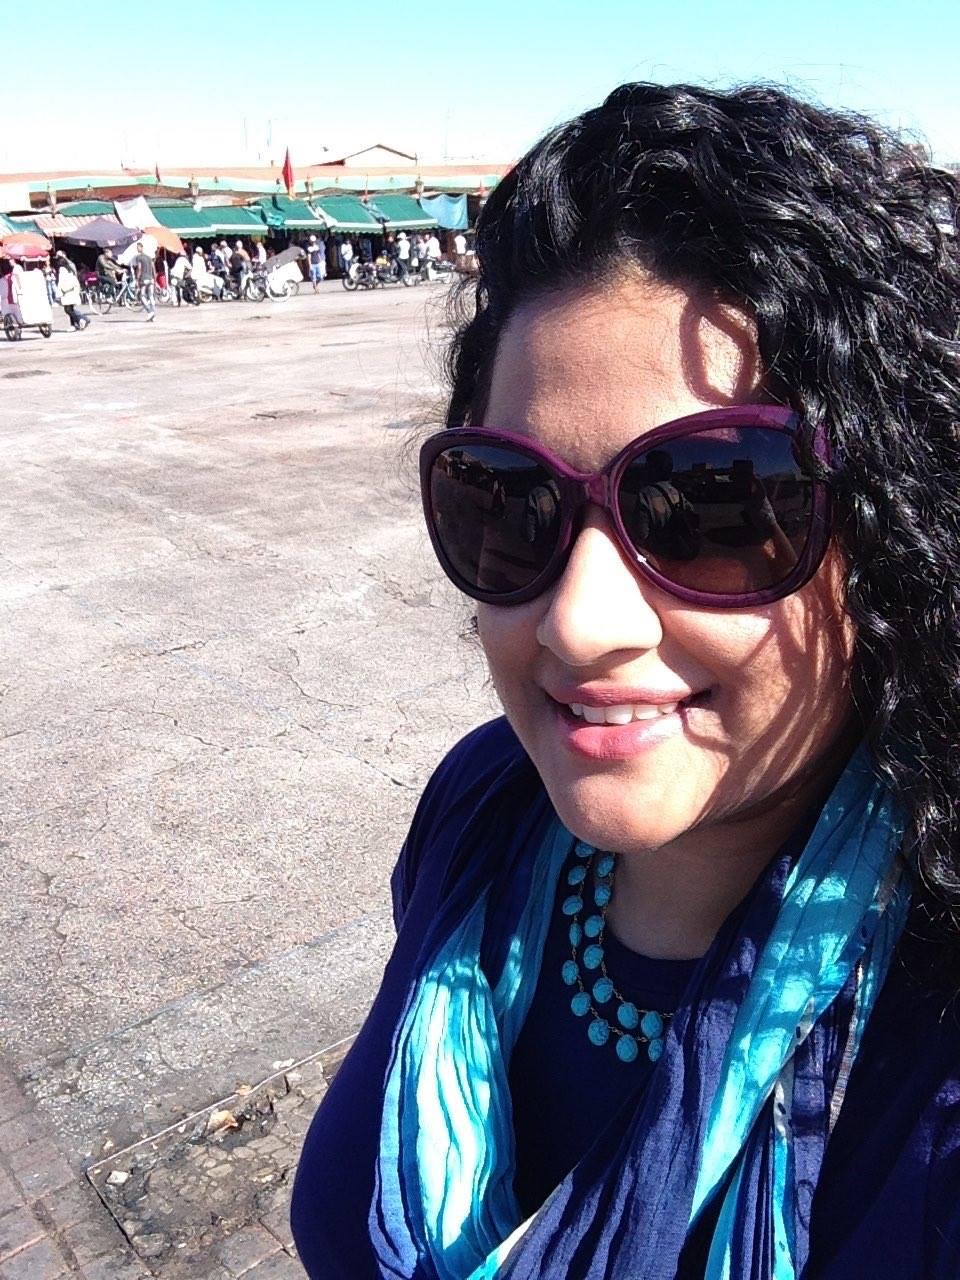 Neckpiece: Amrapali, Sunglasses: Dior